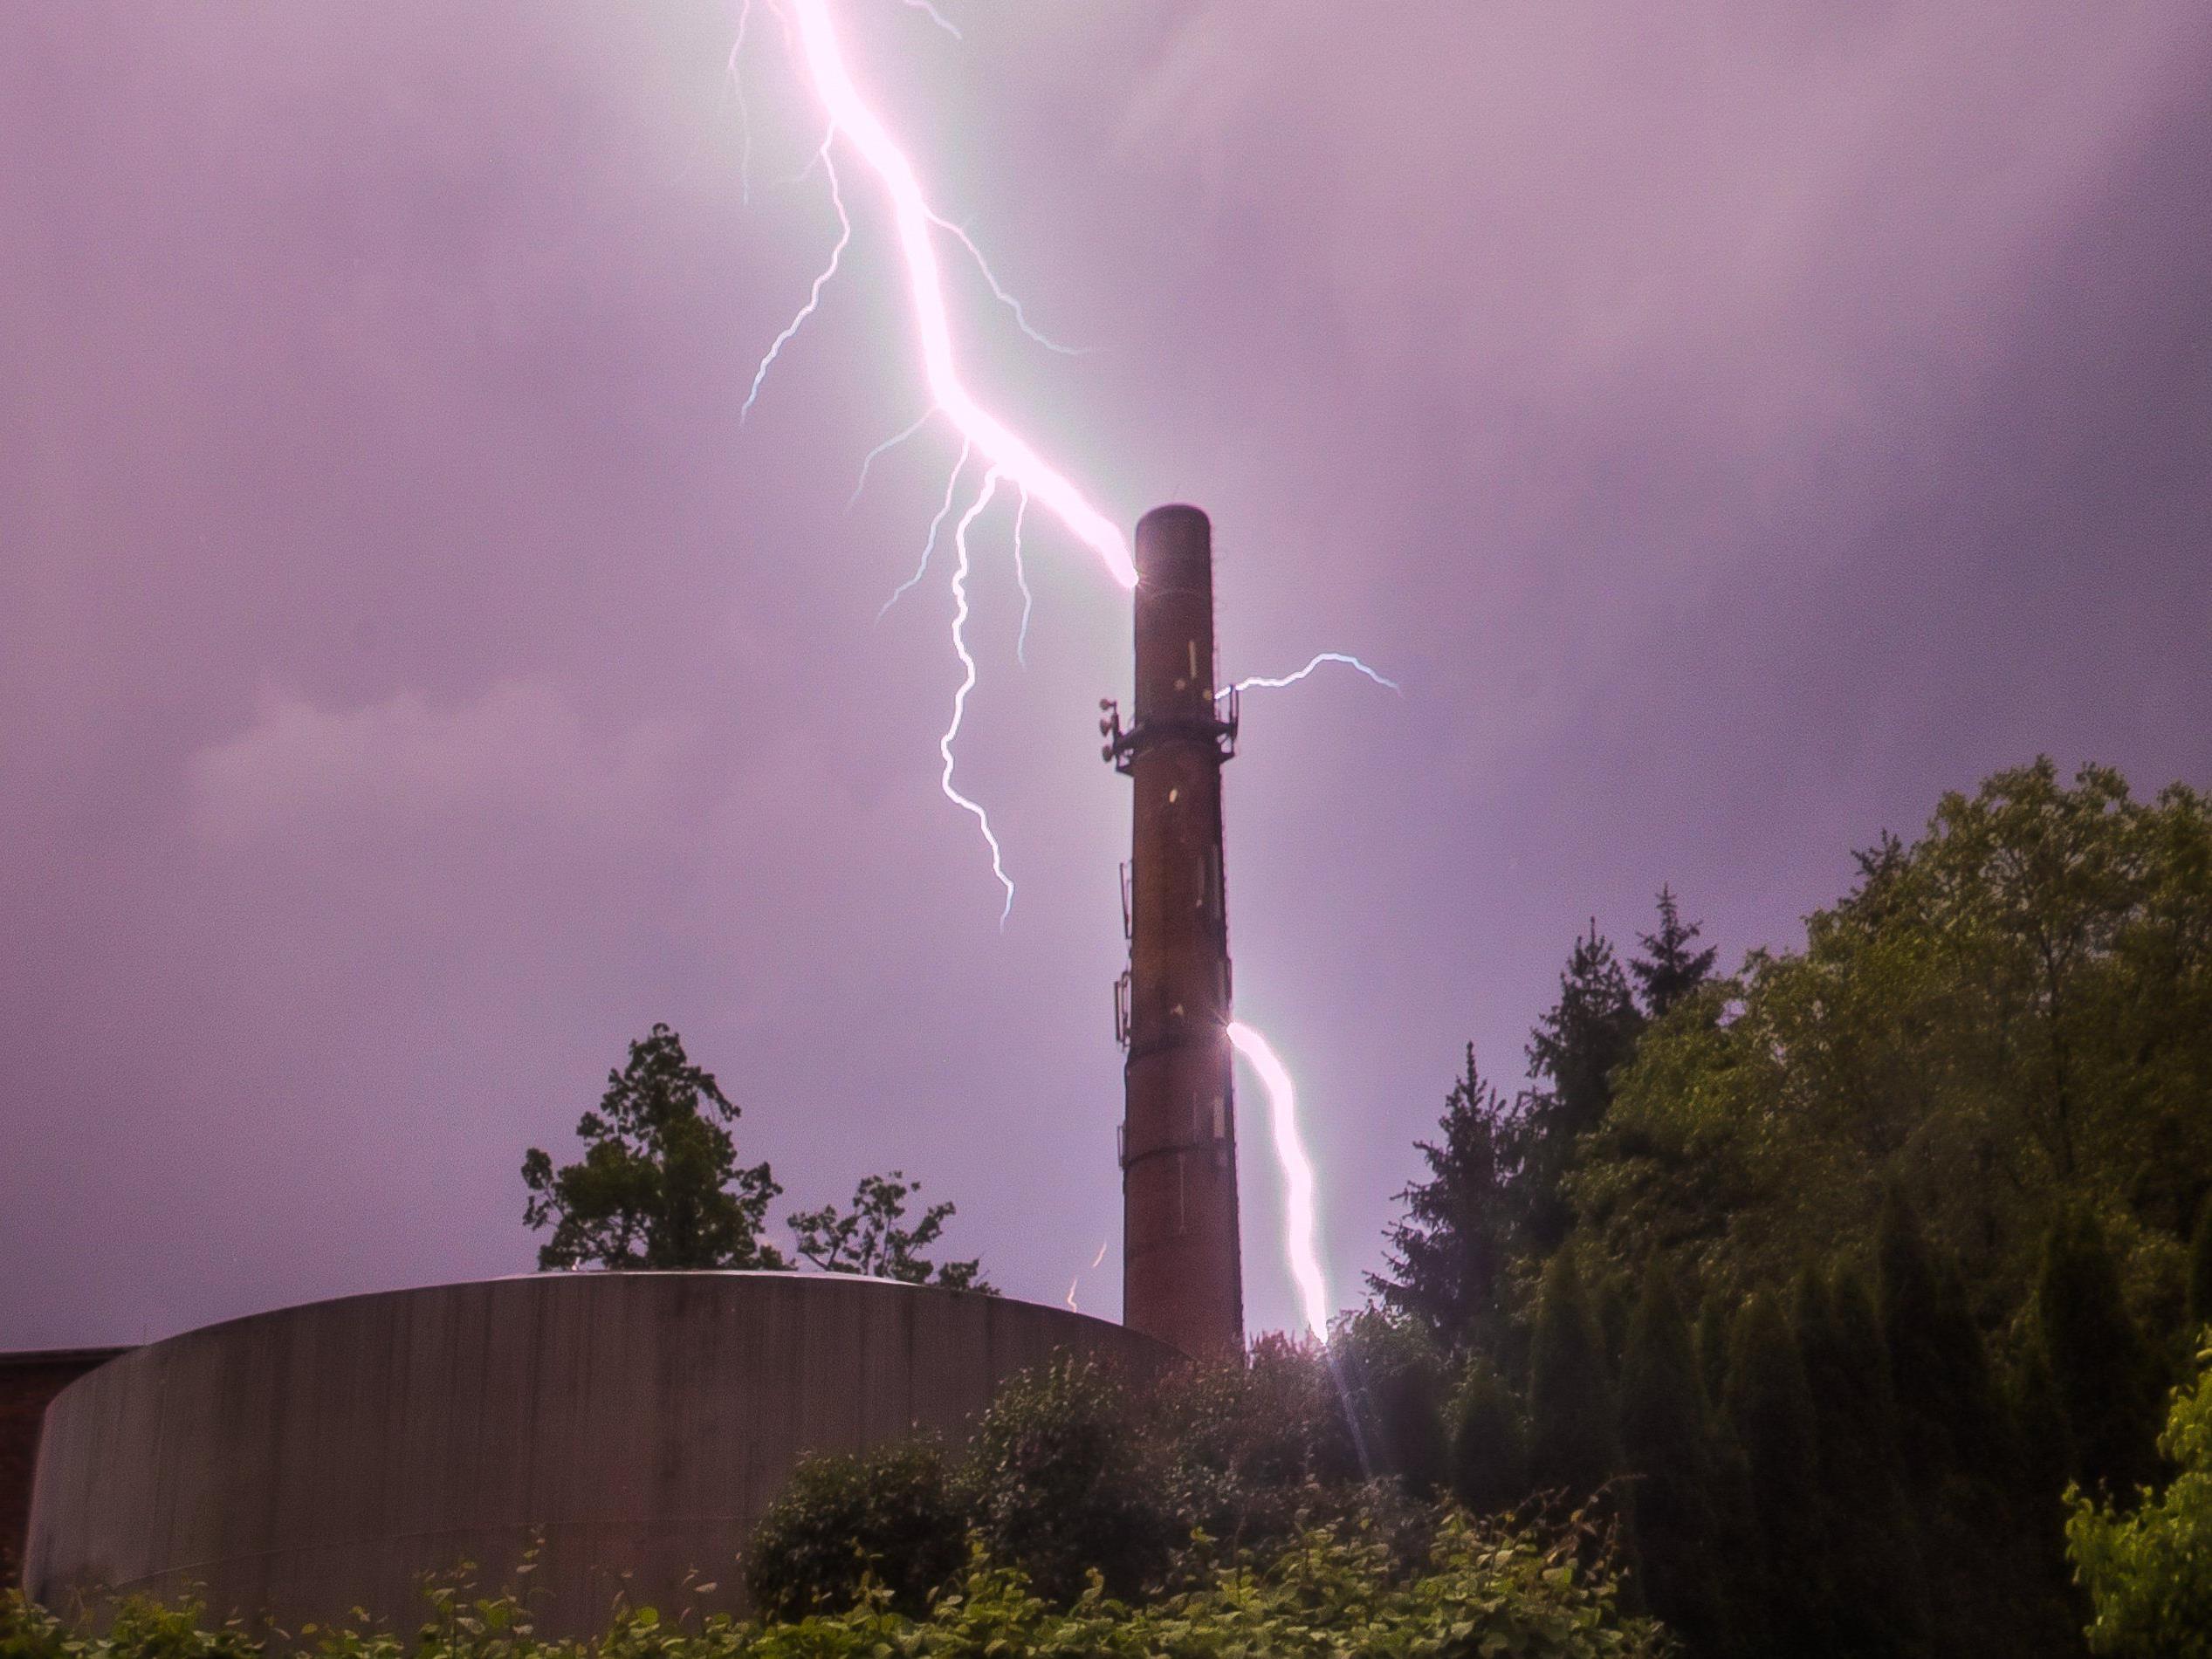 Ein Blitzschlag verletzte auf Kreta 19 russische Urlauber. (Themenbild)